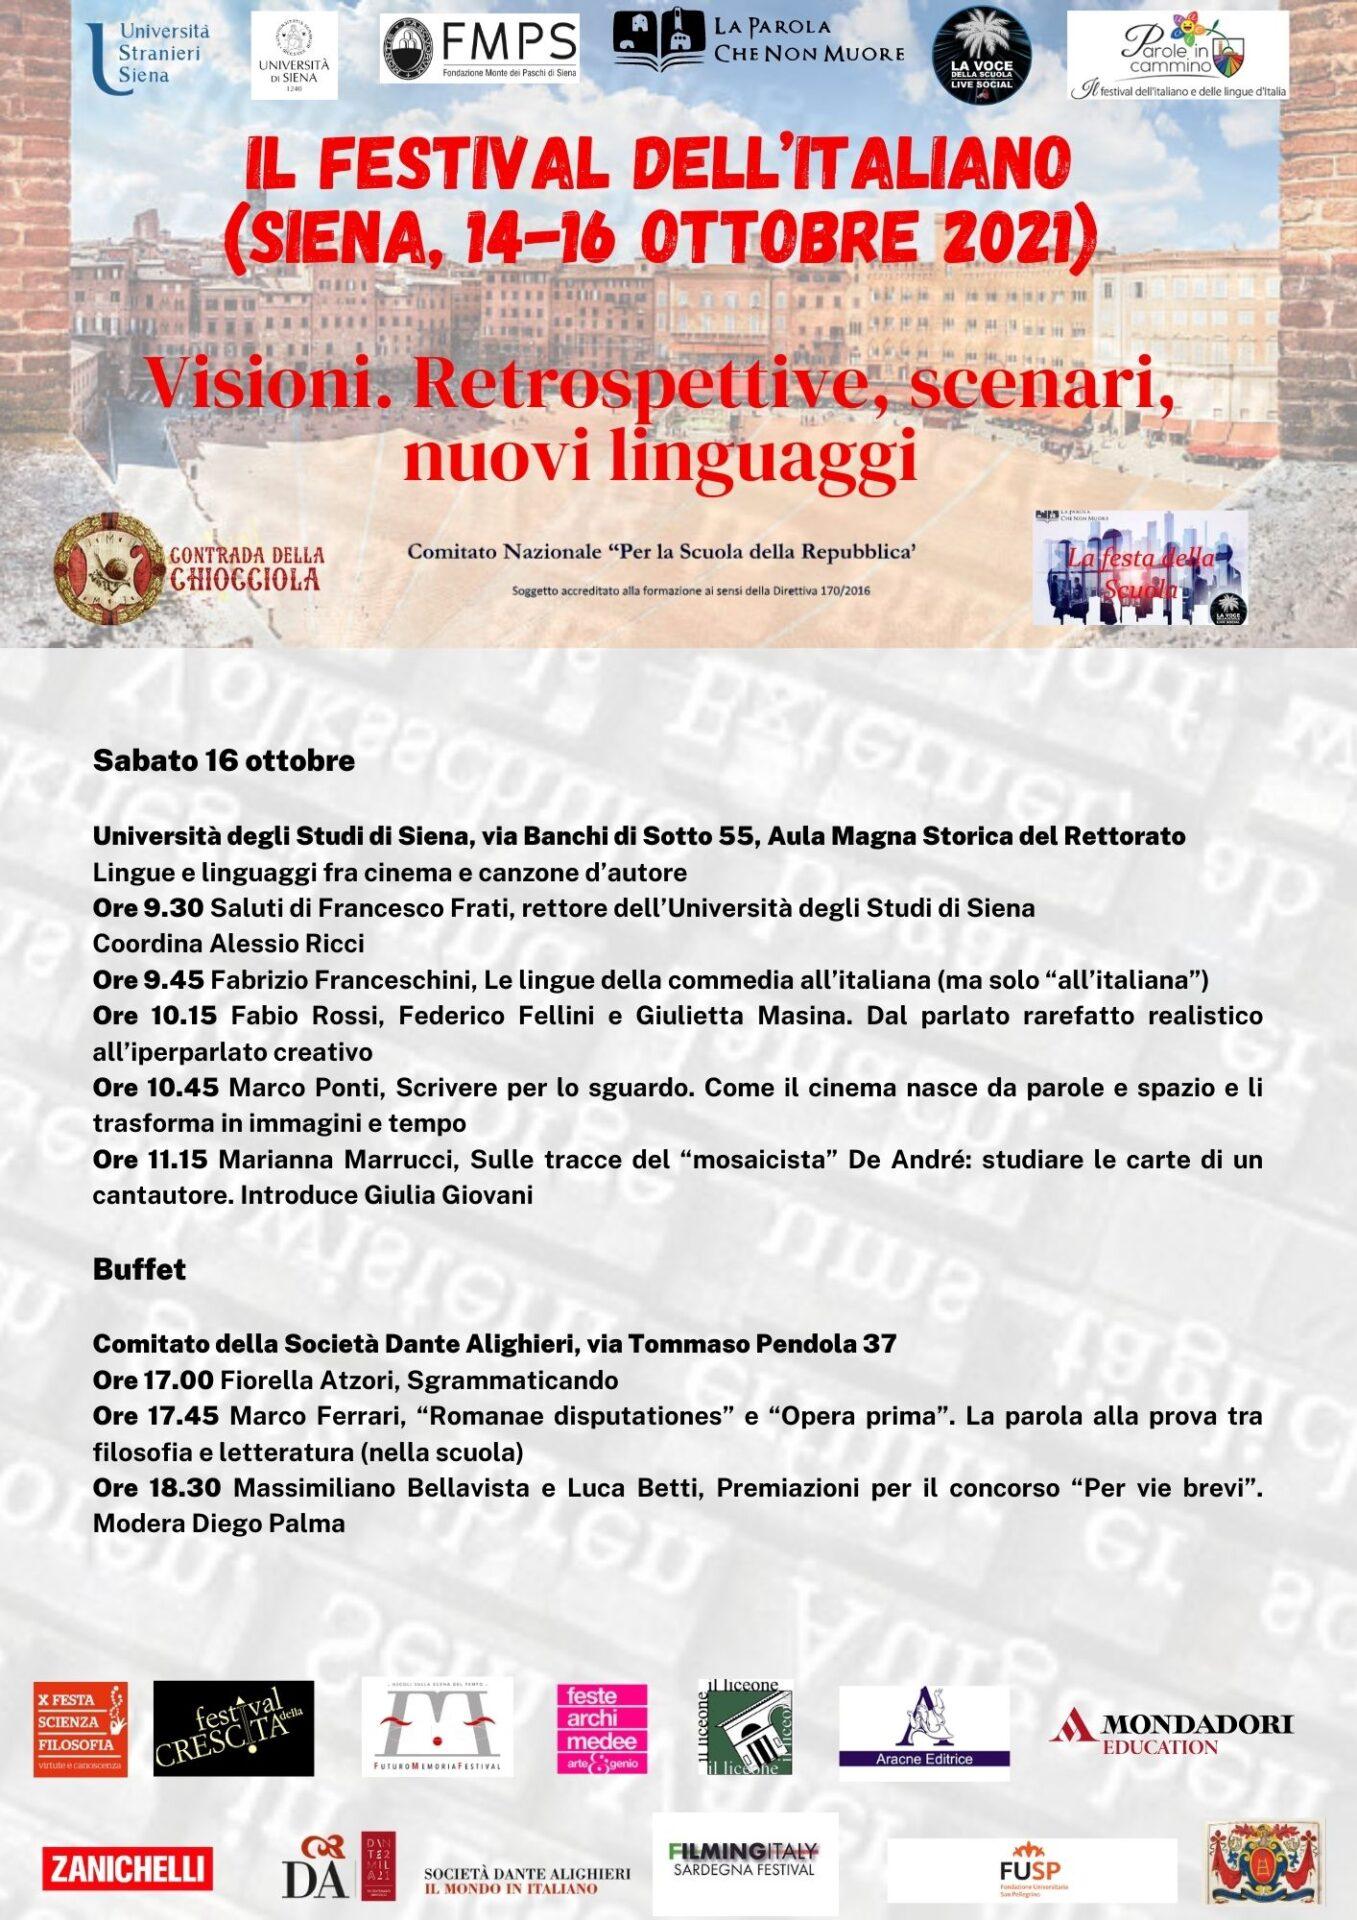 Il festival dell'italiano (Siena, 14-16 ottobre 2021) 3